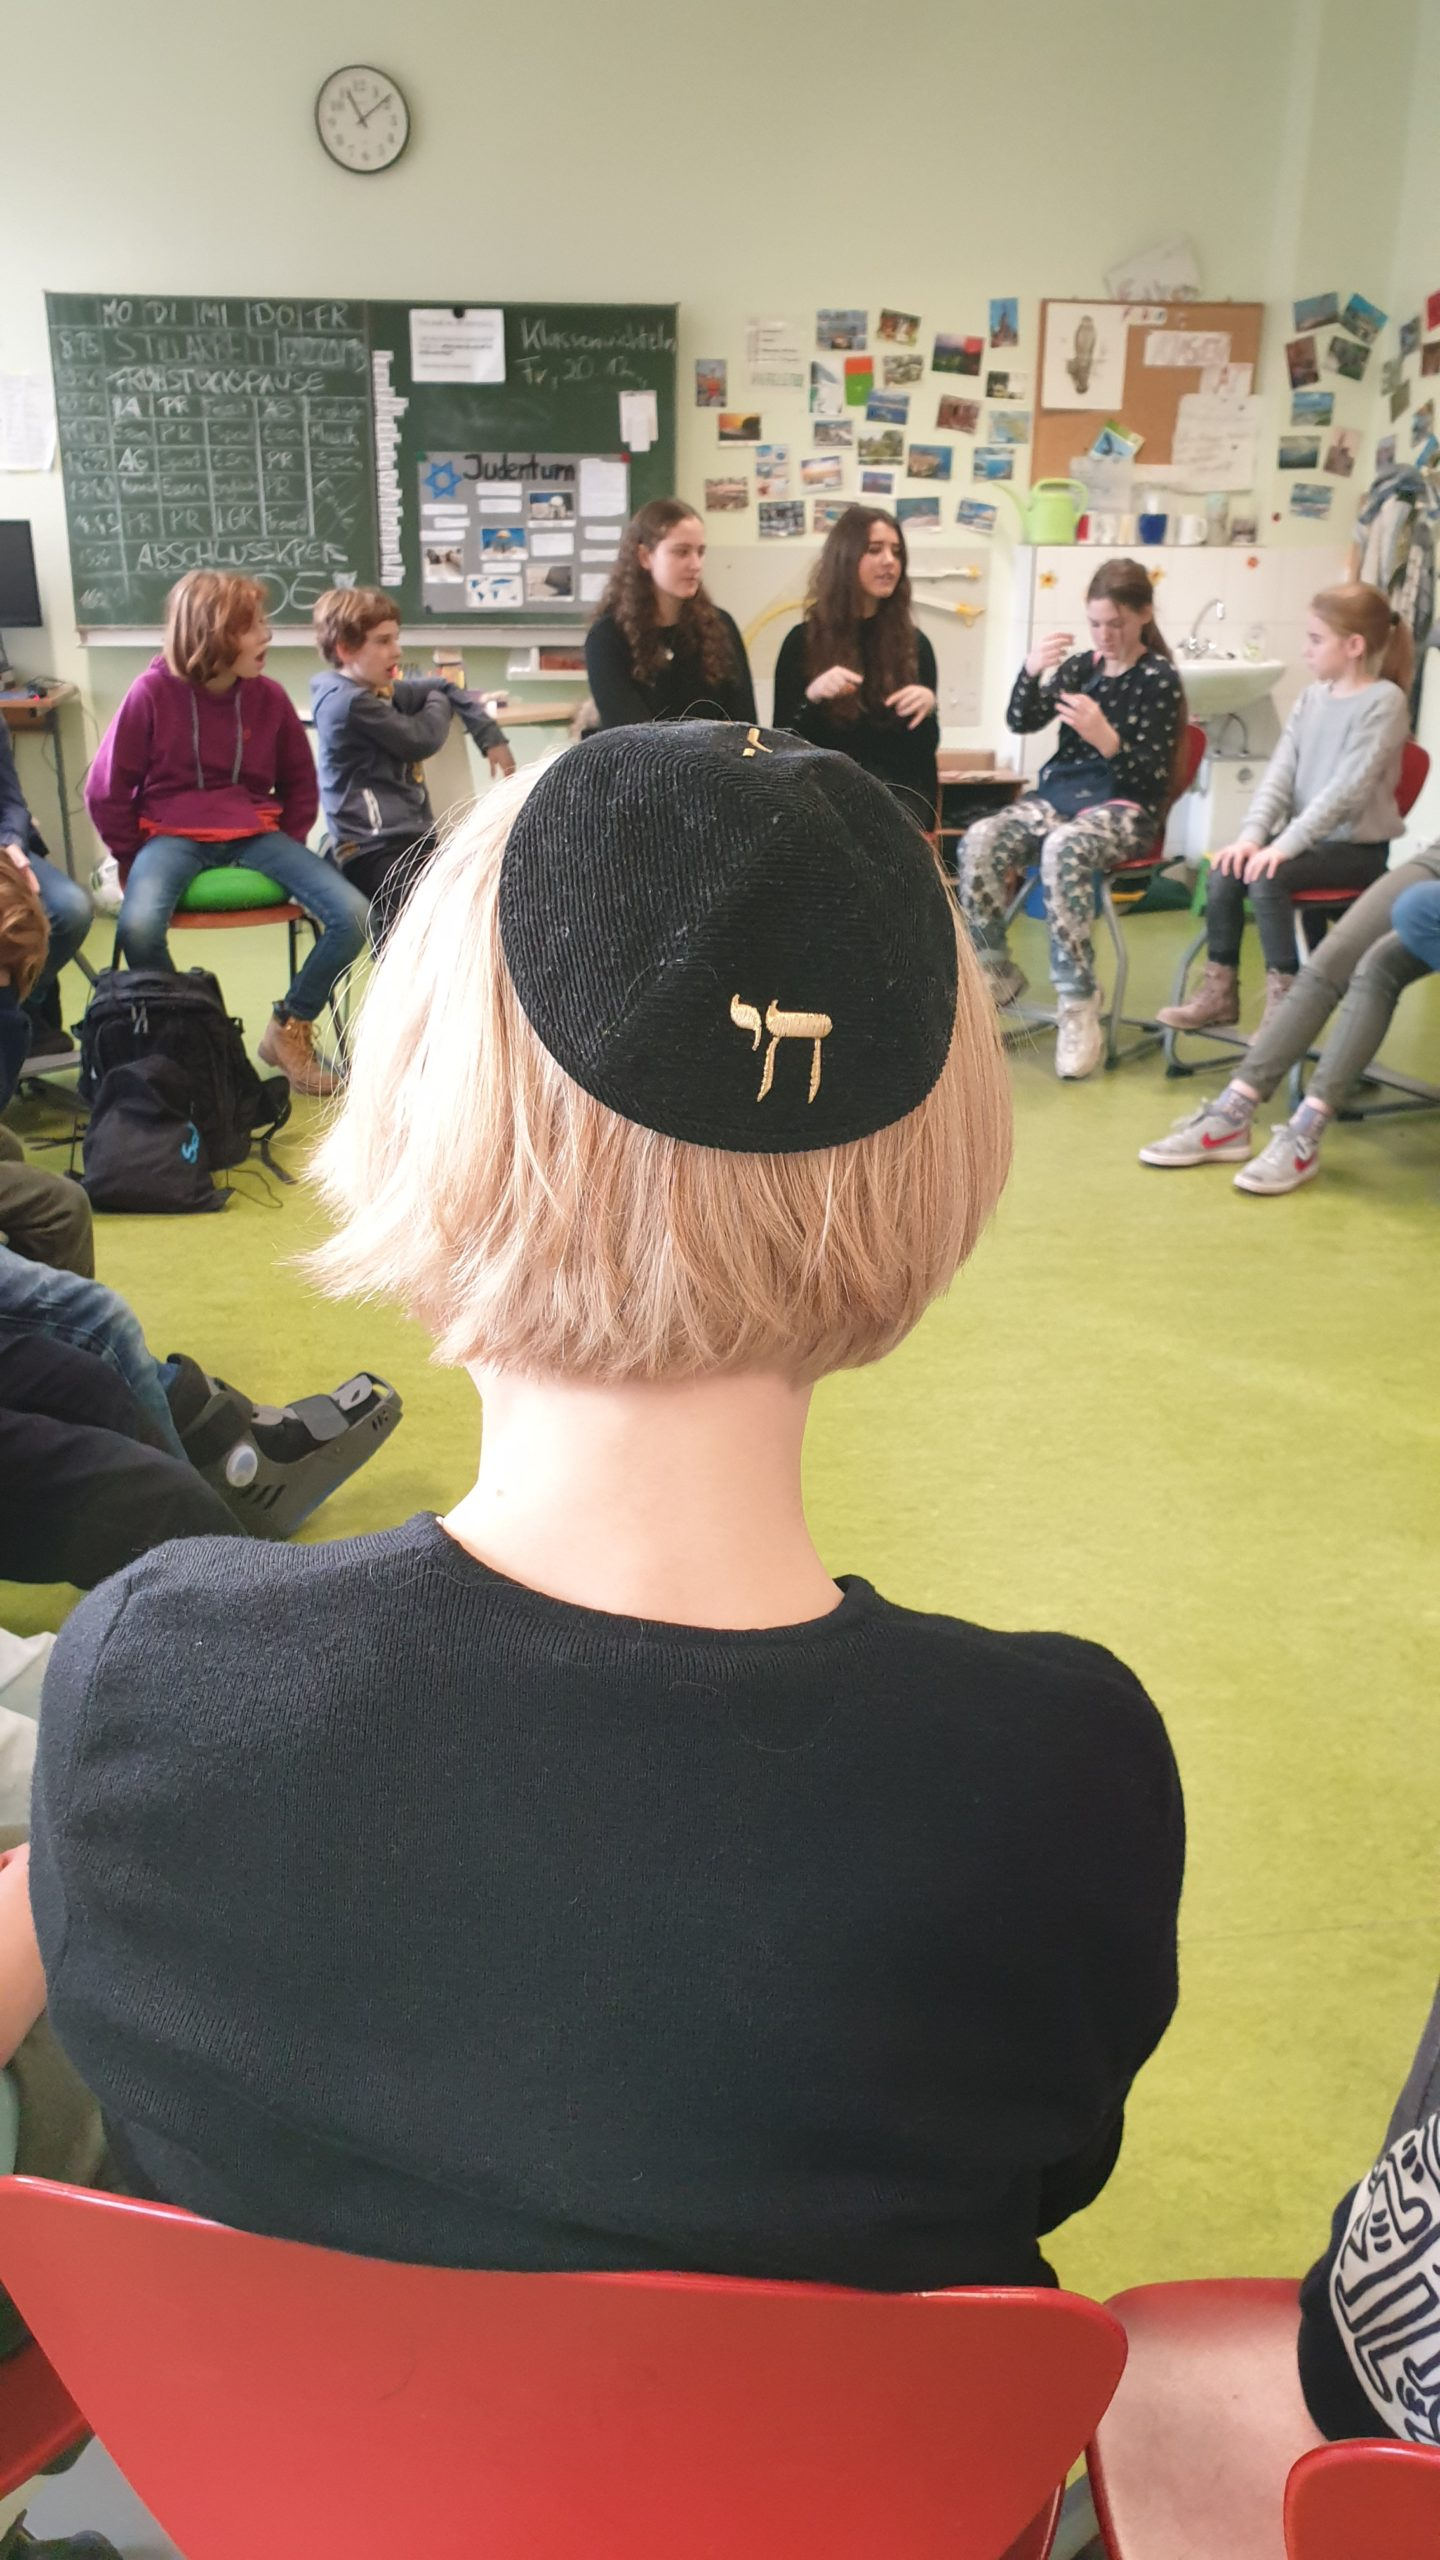 Rent a Jew